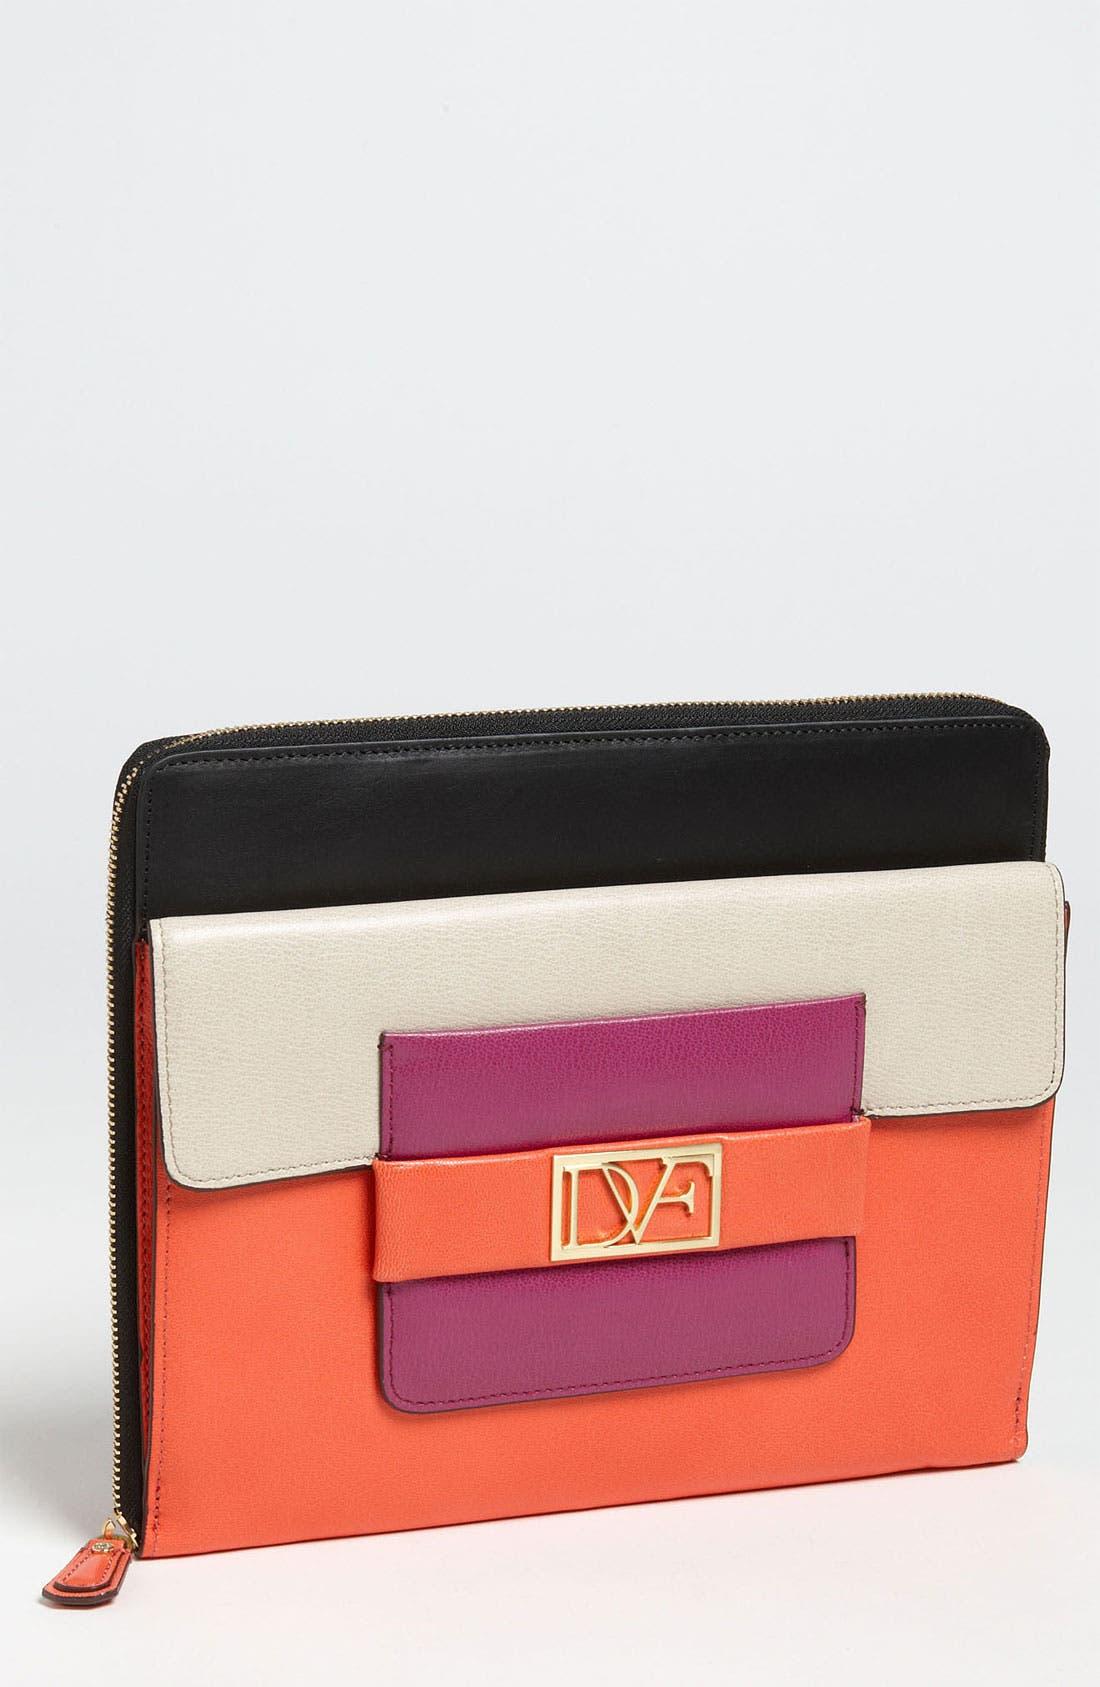 Alternate Image 1 Selected - Diane von Furstenberg 'Metro' iPad Case